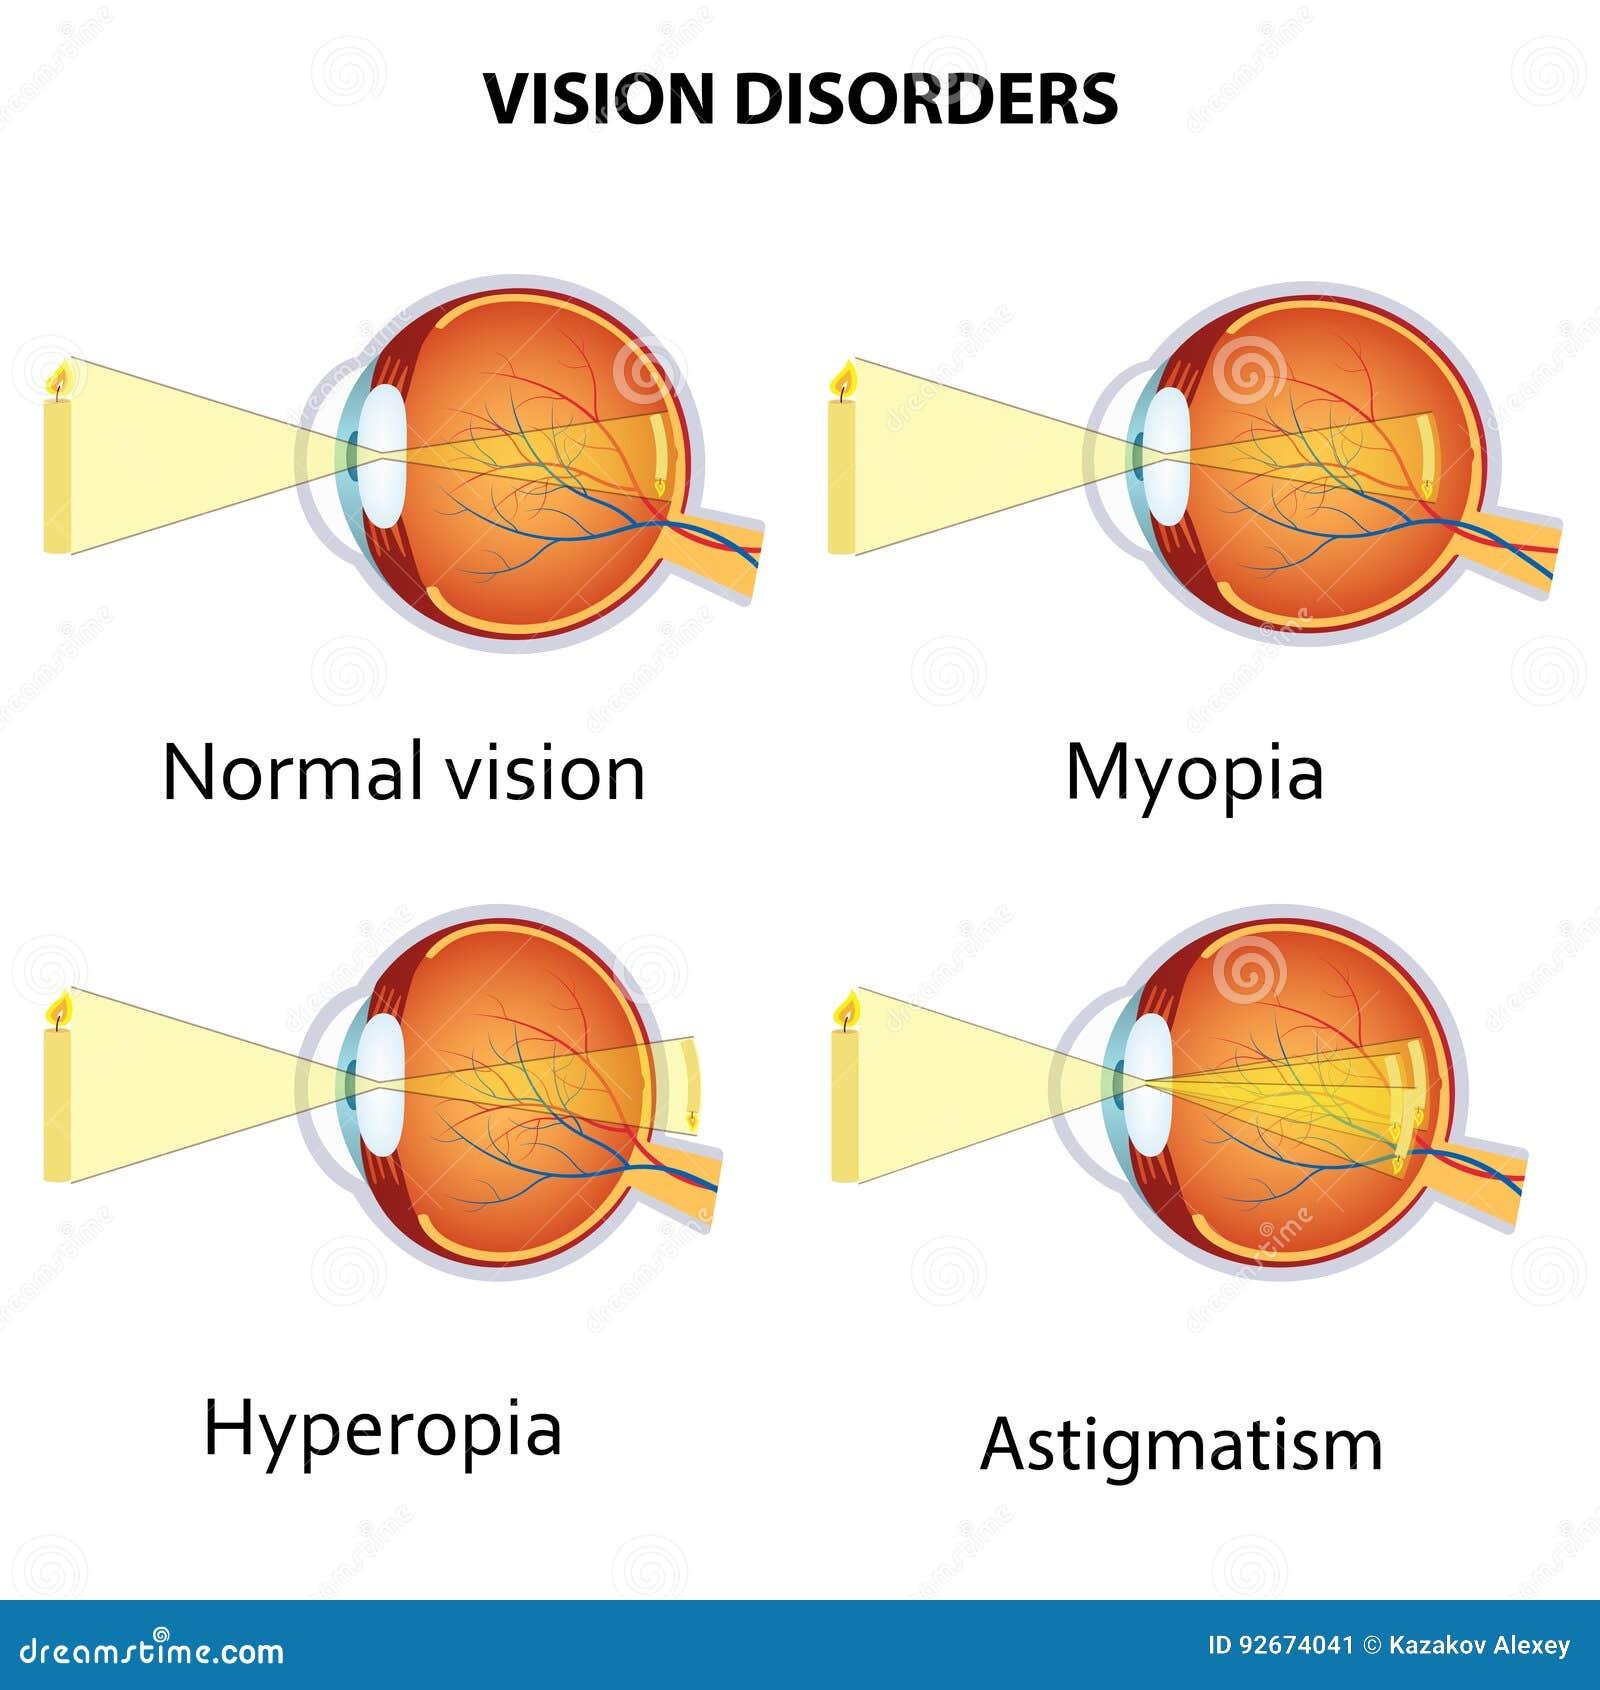 Asztigmatizmus vagy hyperopia - Hogyan ismerjük fel a leggyakoribb szembetegségeket?